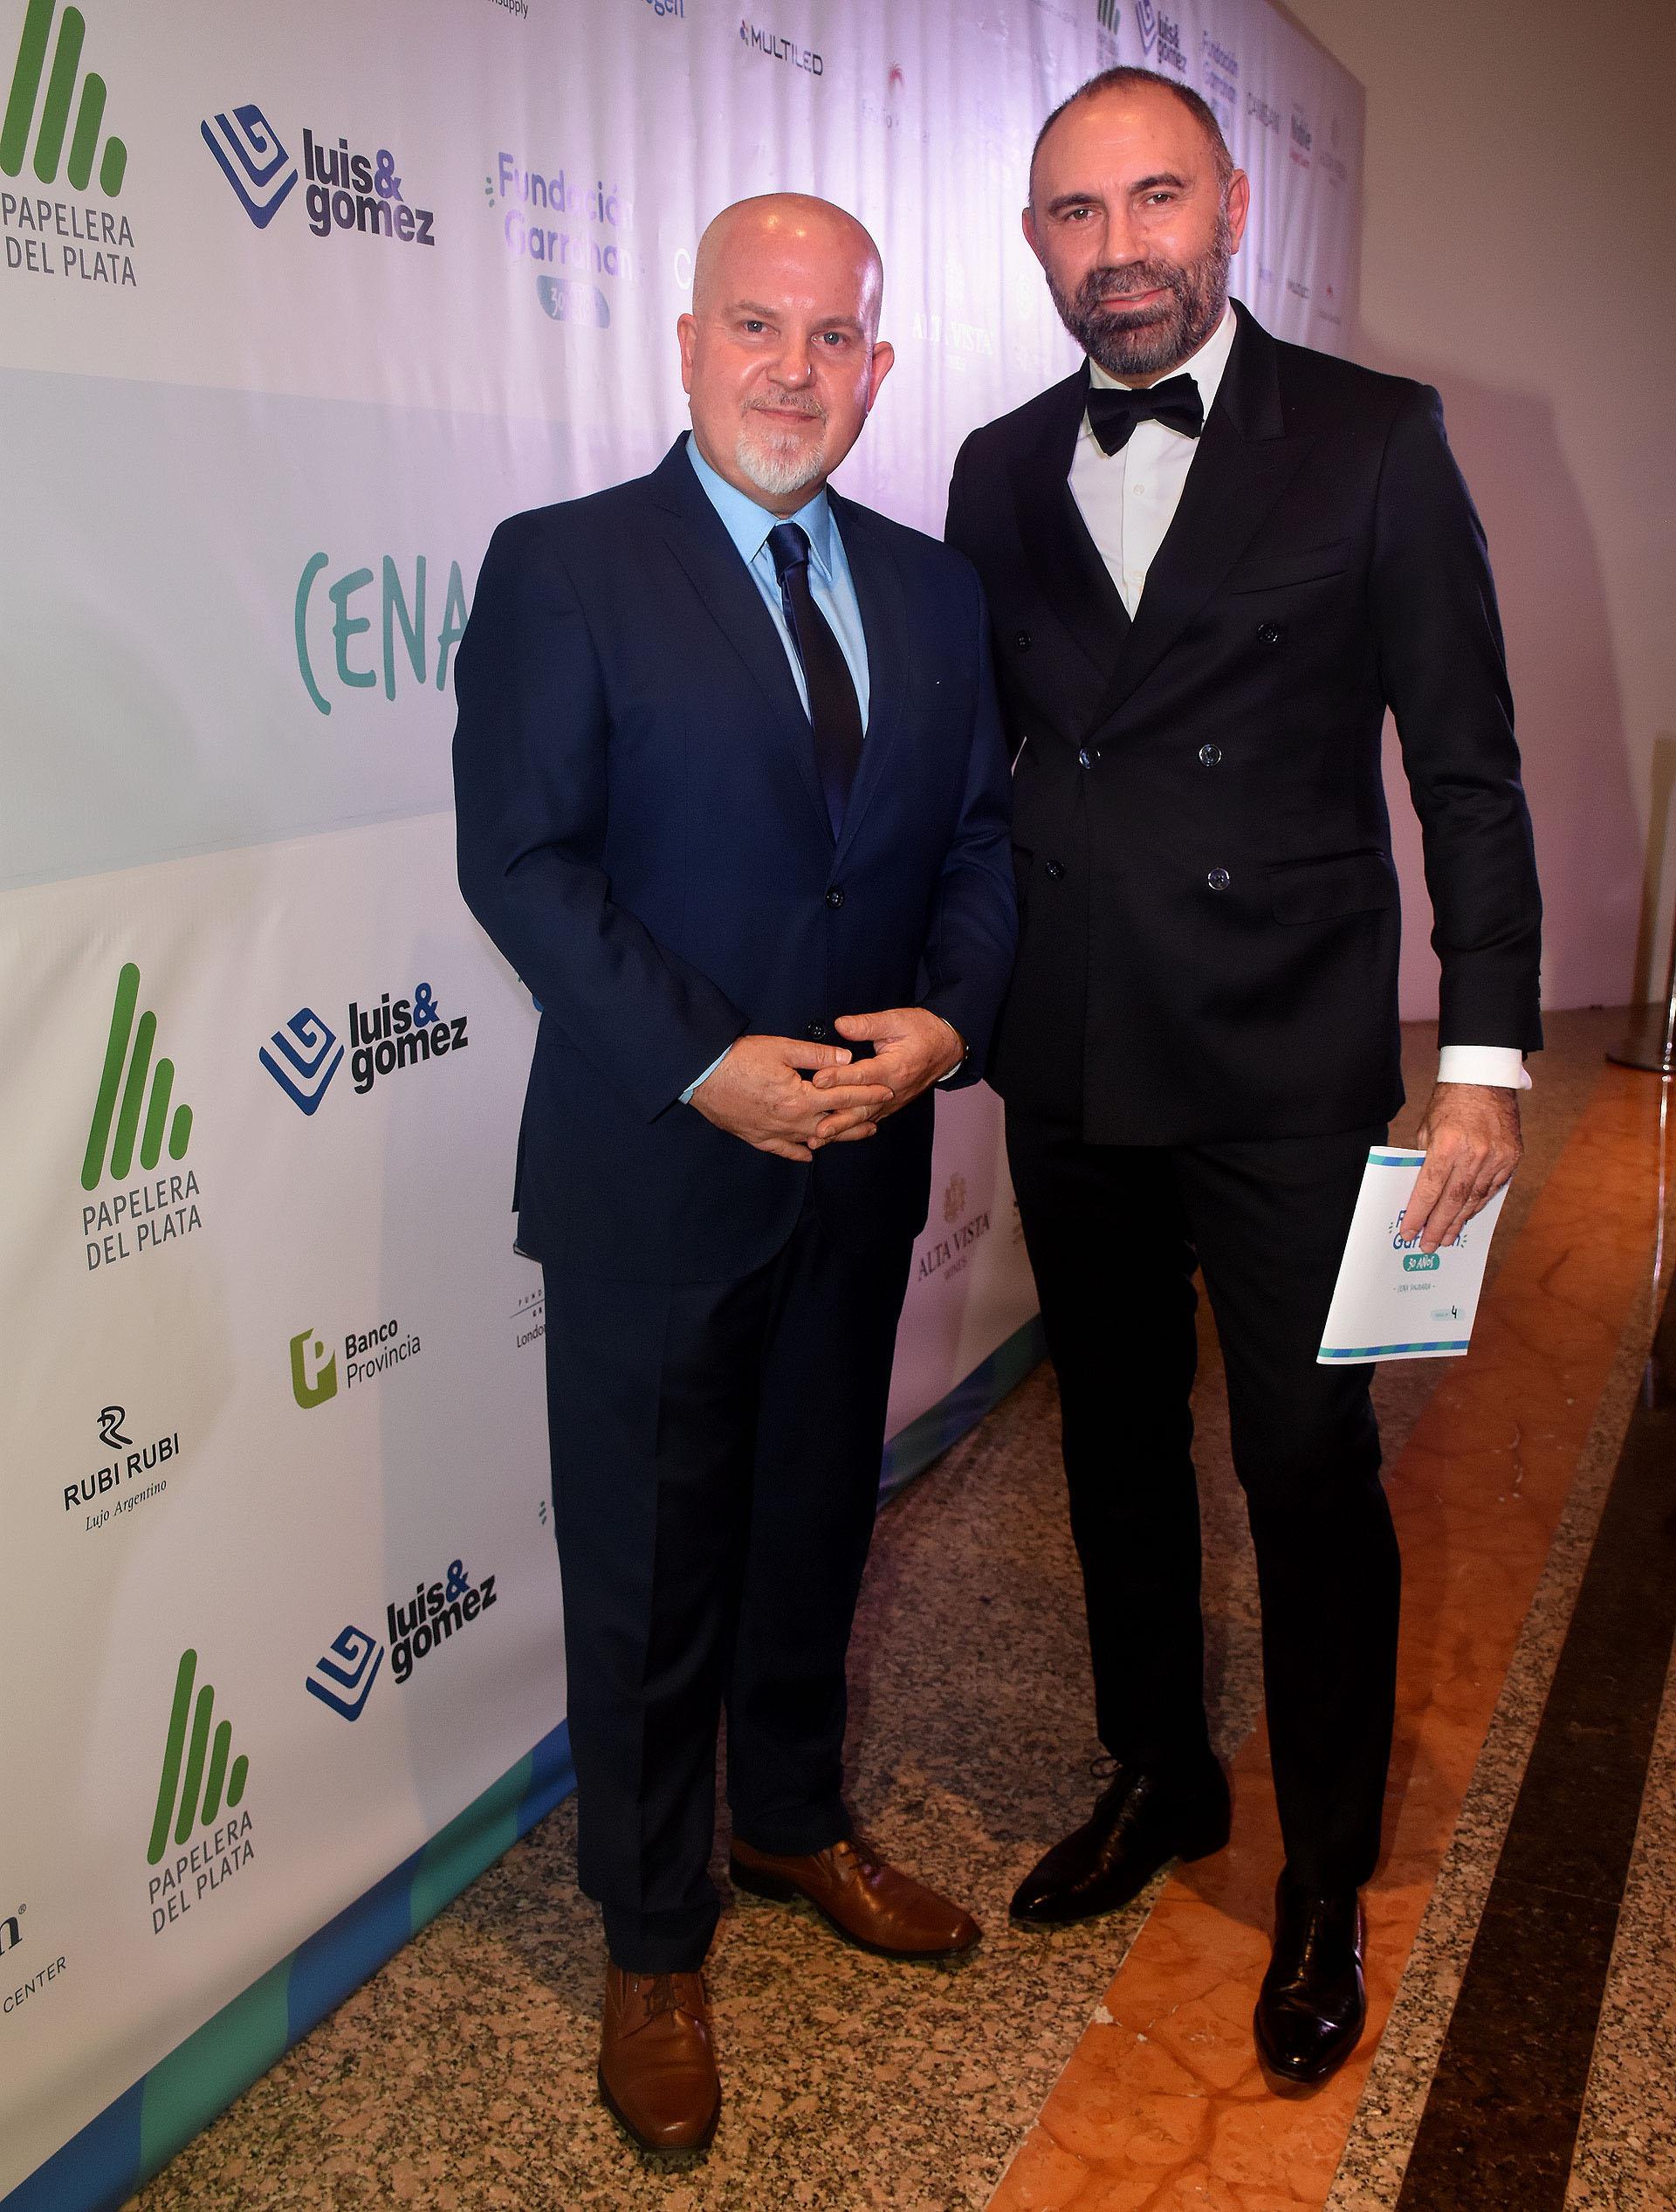 Juan Ignacio Penlowskyj, colaborador de la Fundación Garrahan, y el diseñador Gabriel Lage